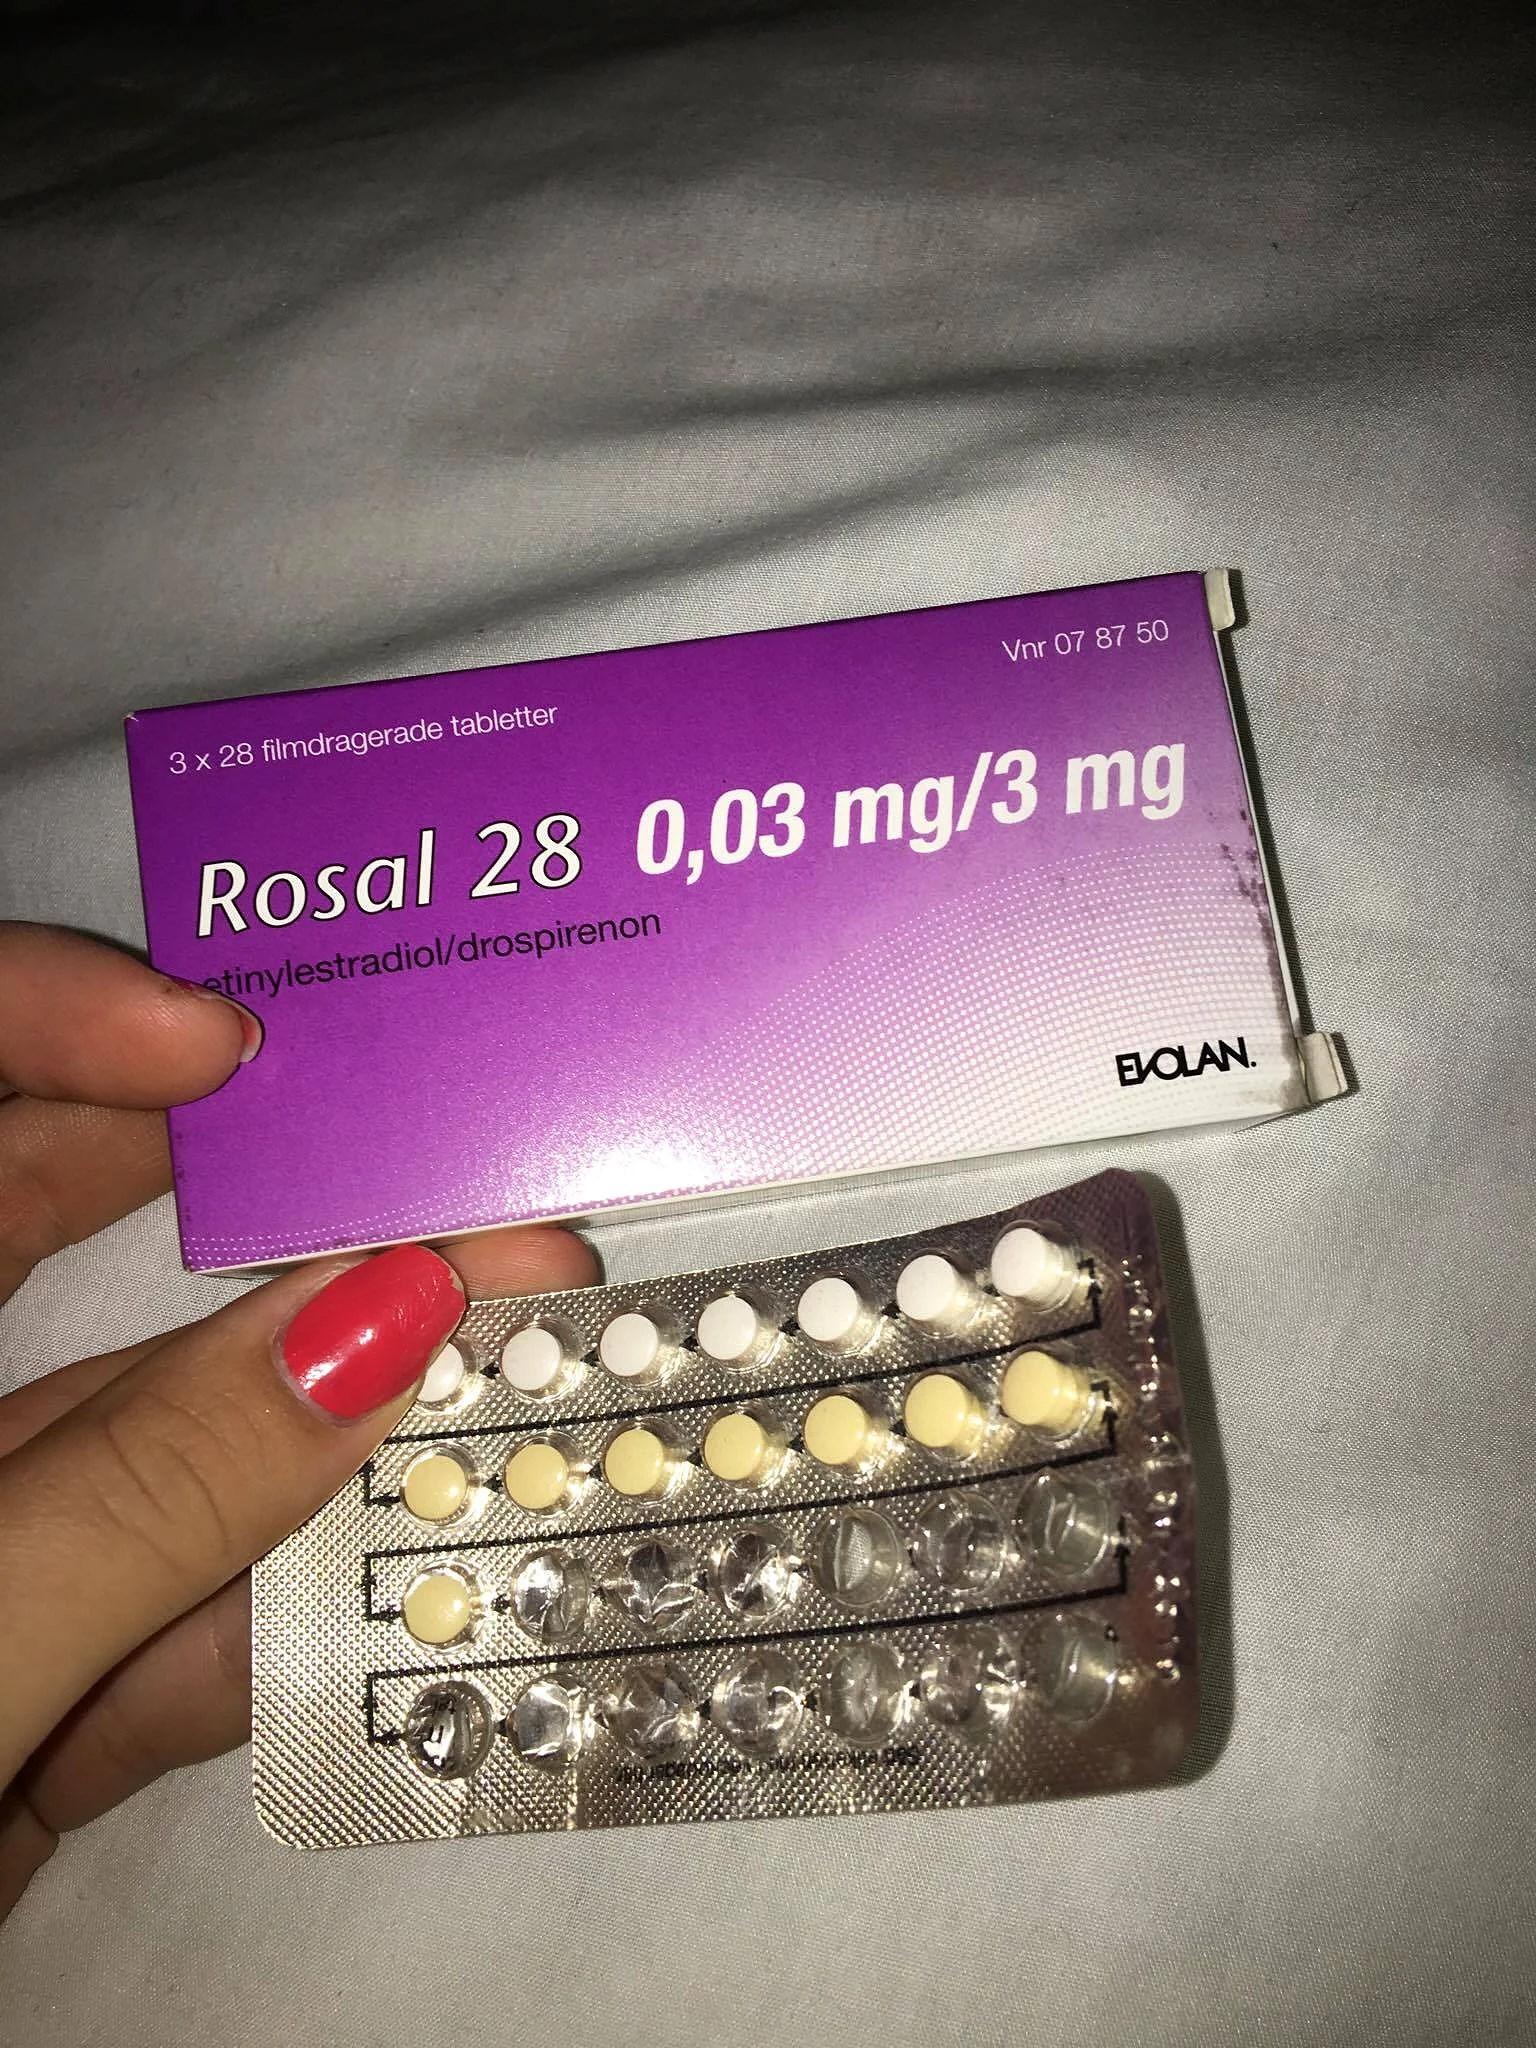 rosal p piller